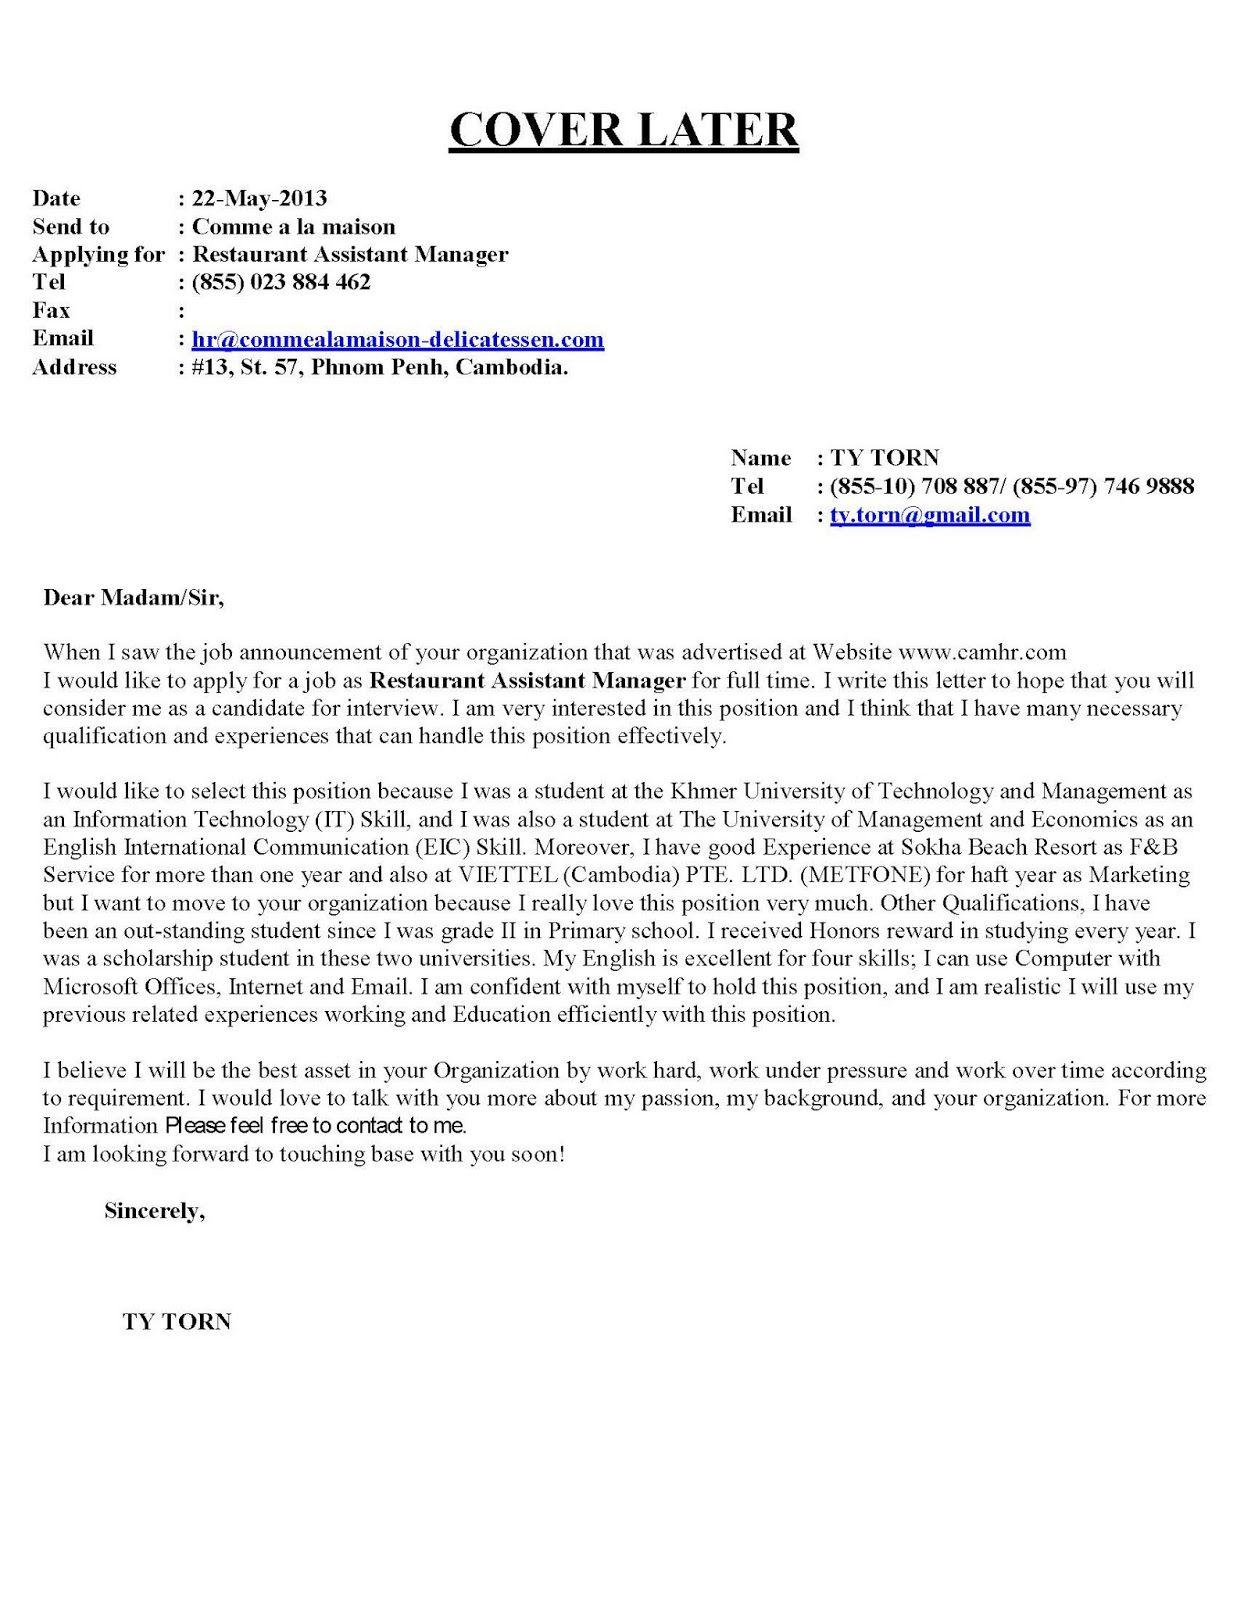 COVERING LETTER FOR CV New ImagesCover Letter For Resume